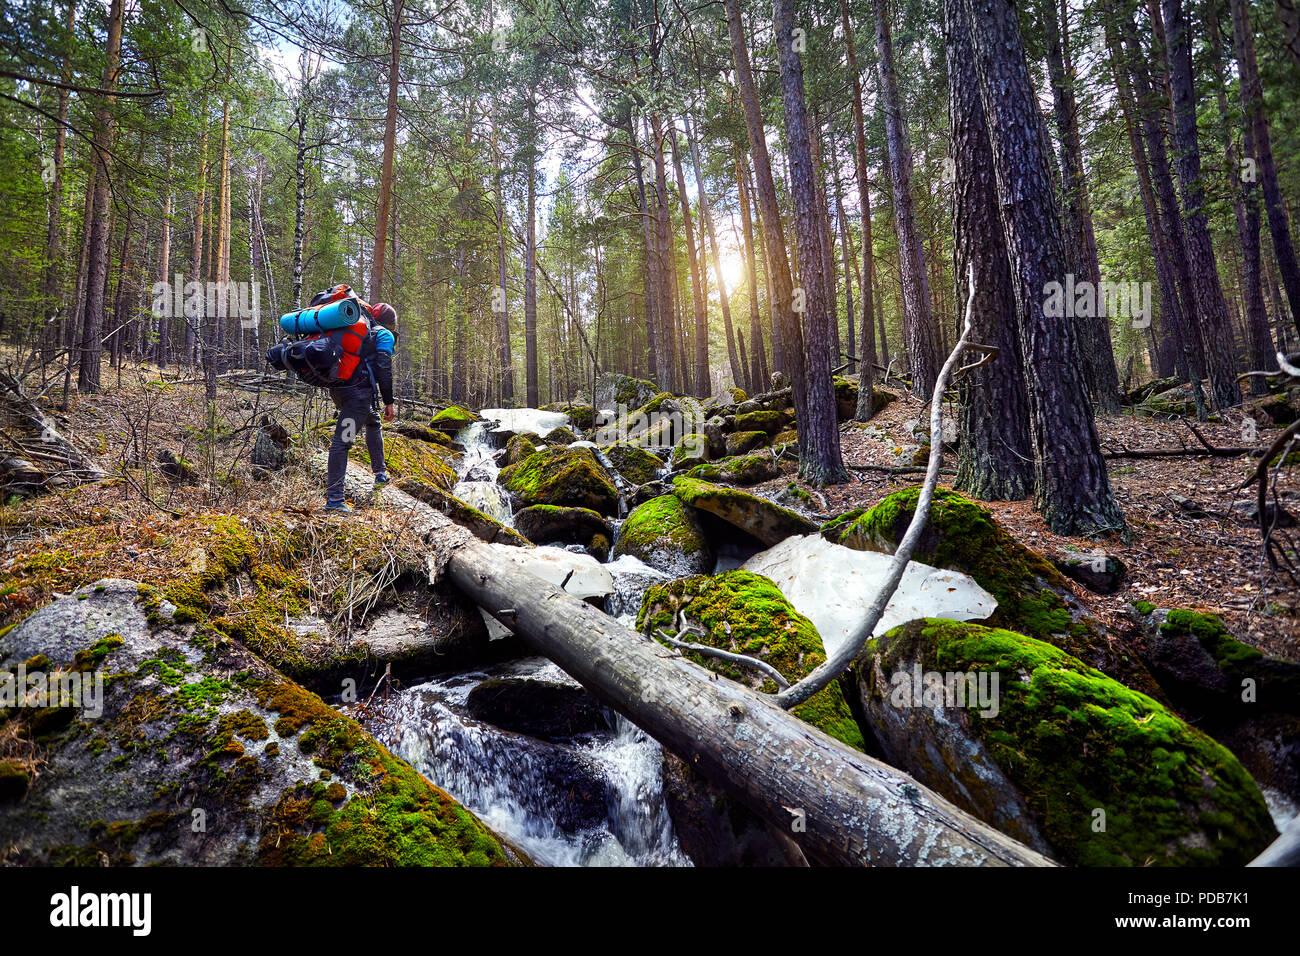 Excursionista con big mochila caminando hacia el hermoso bosque de Karkaraly national park en el centro de Kazajstán Foto de stock